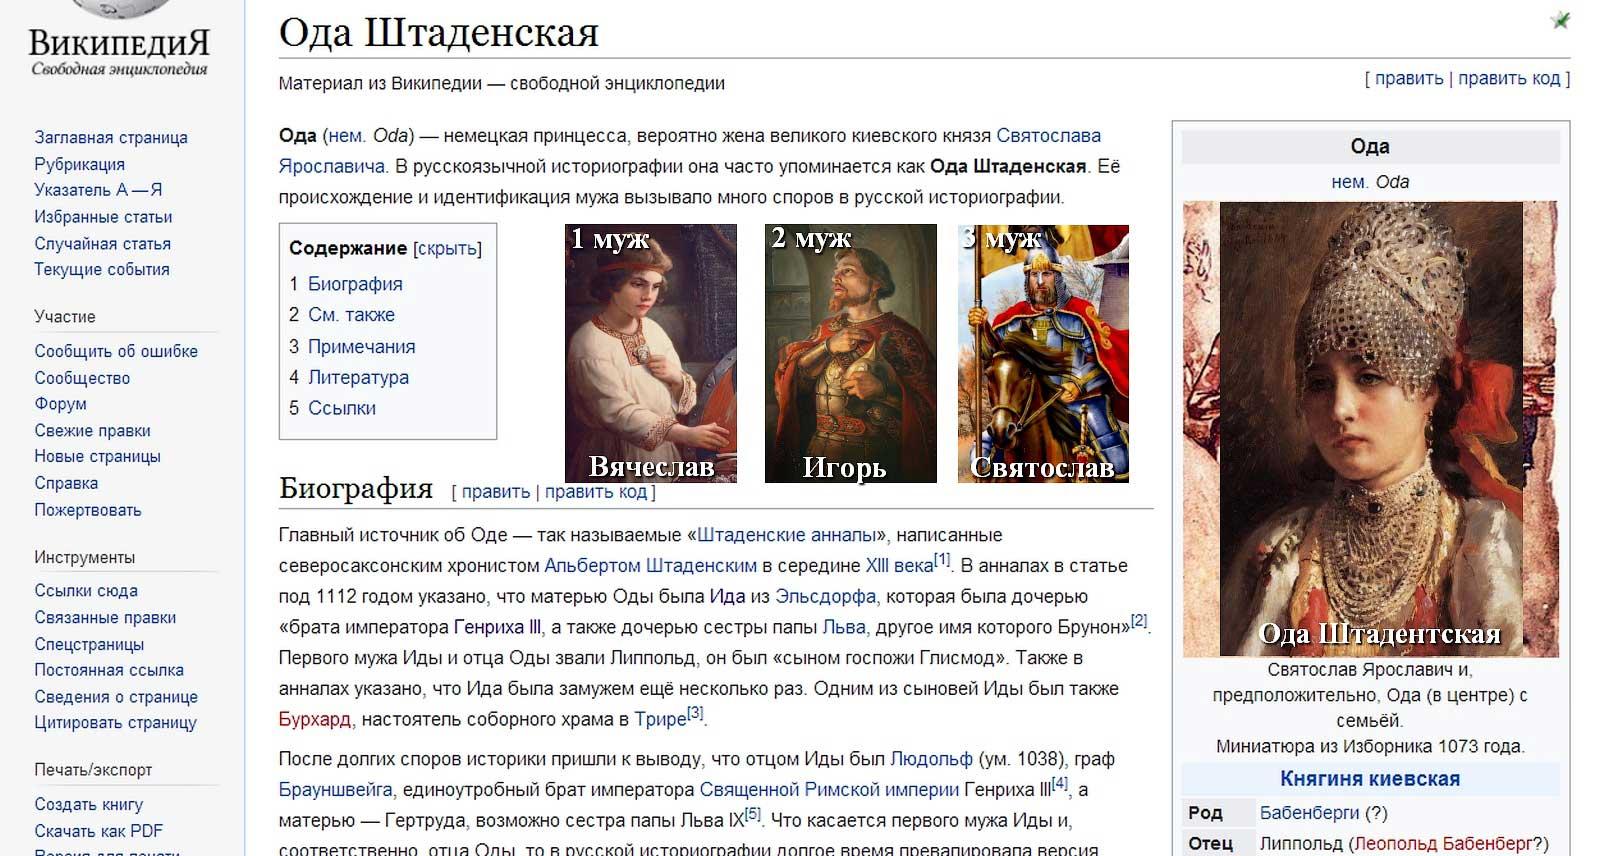 Страница Оды Штадентской и её три мужа